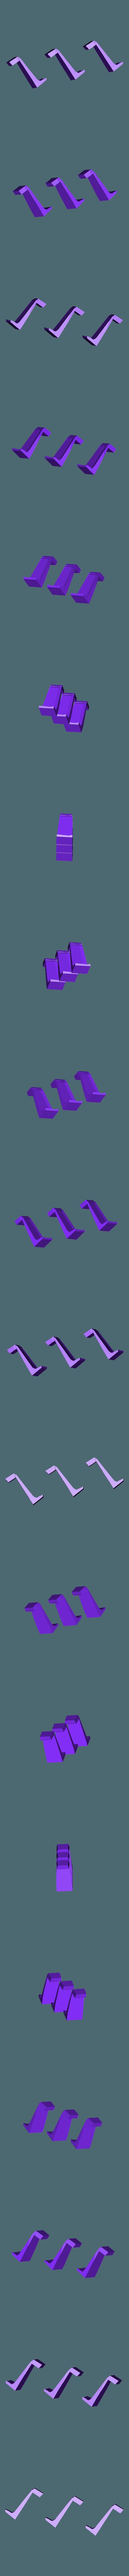 tobor legs.stl Download STL file taybors ship space 1999 • 3D printable design, platt980